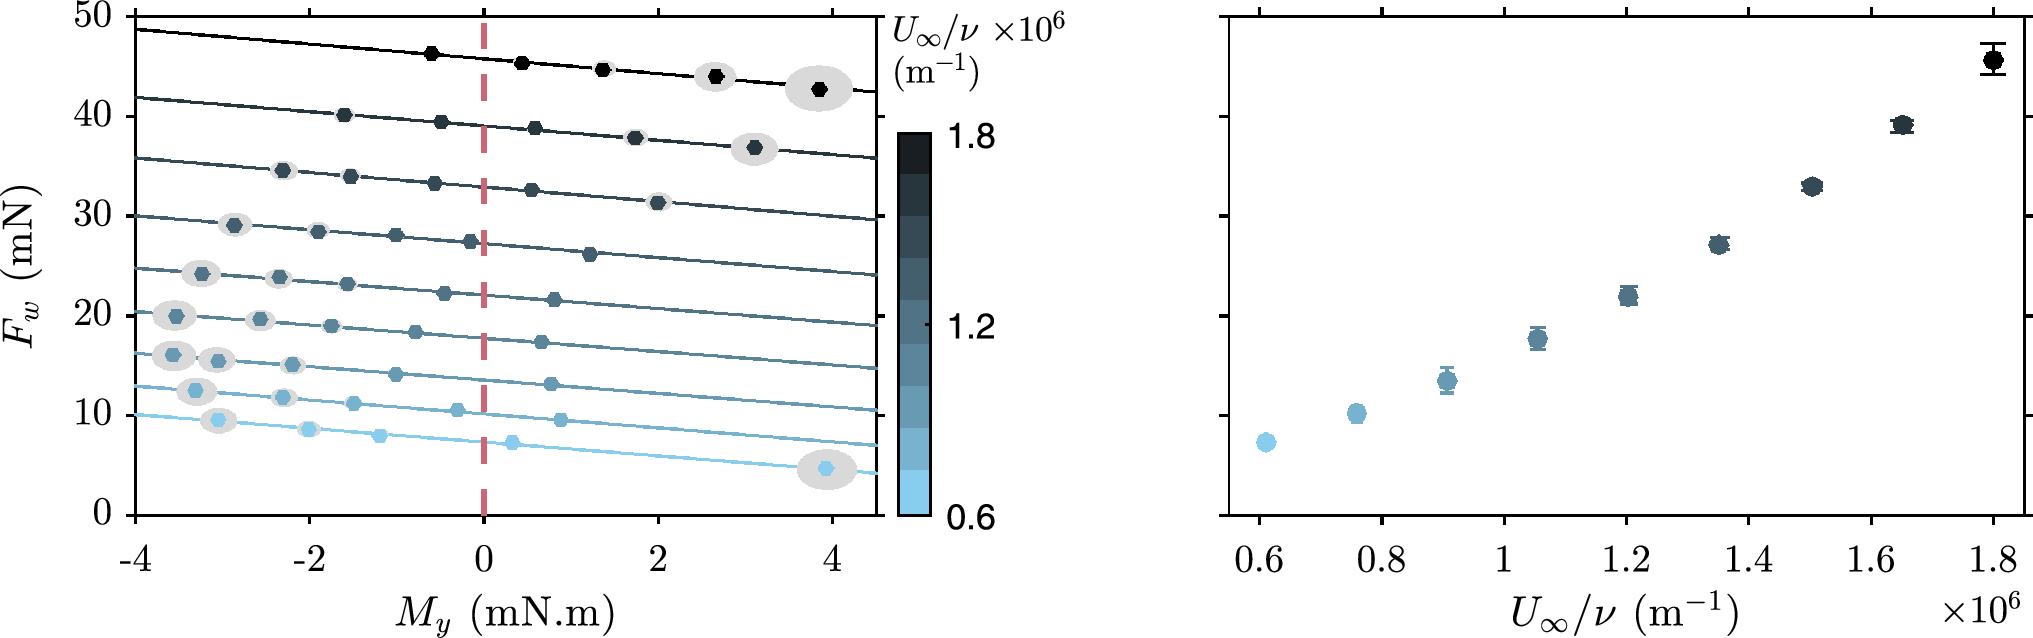 An alternative floating element design for skin-friction measurement